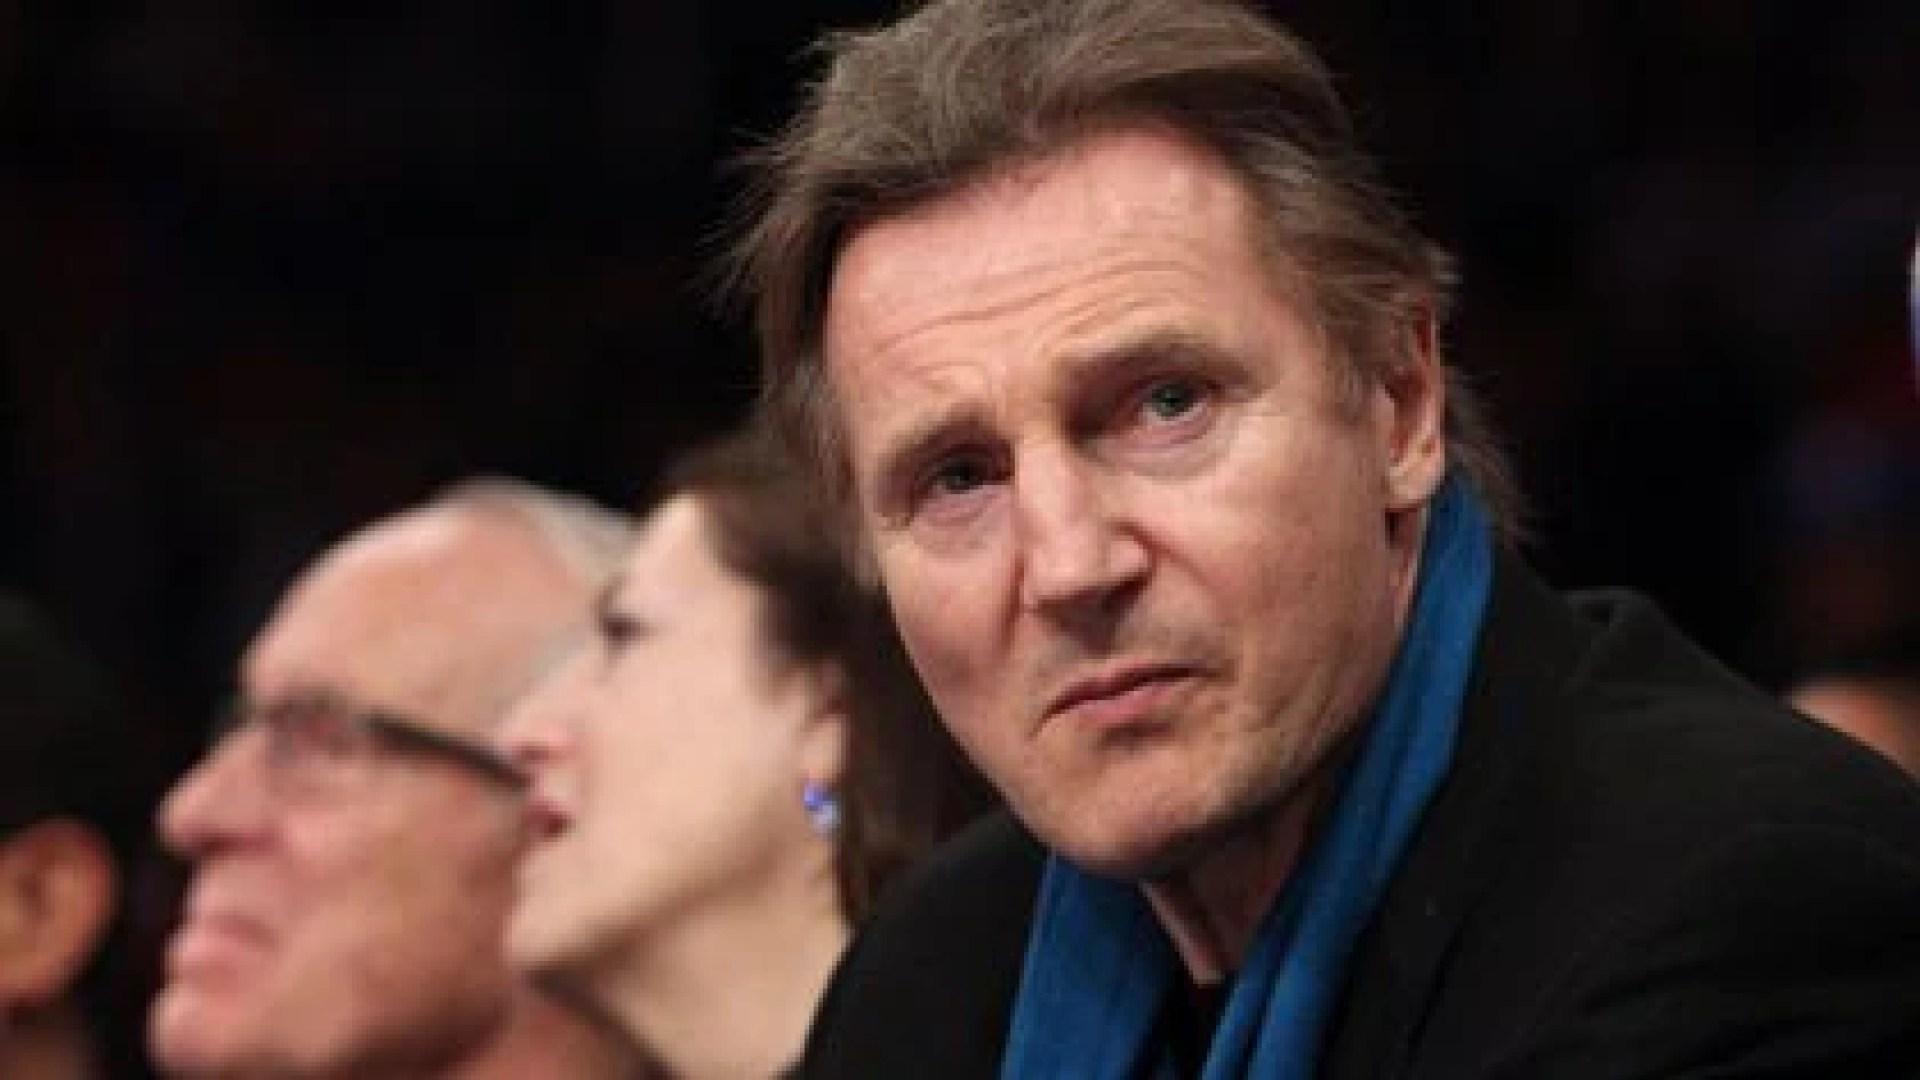 Liam Neeson estuvo casado 16 años con Natasha, pero una fatalidad los separó. (Reuters)